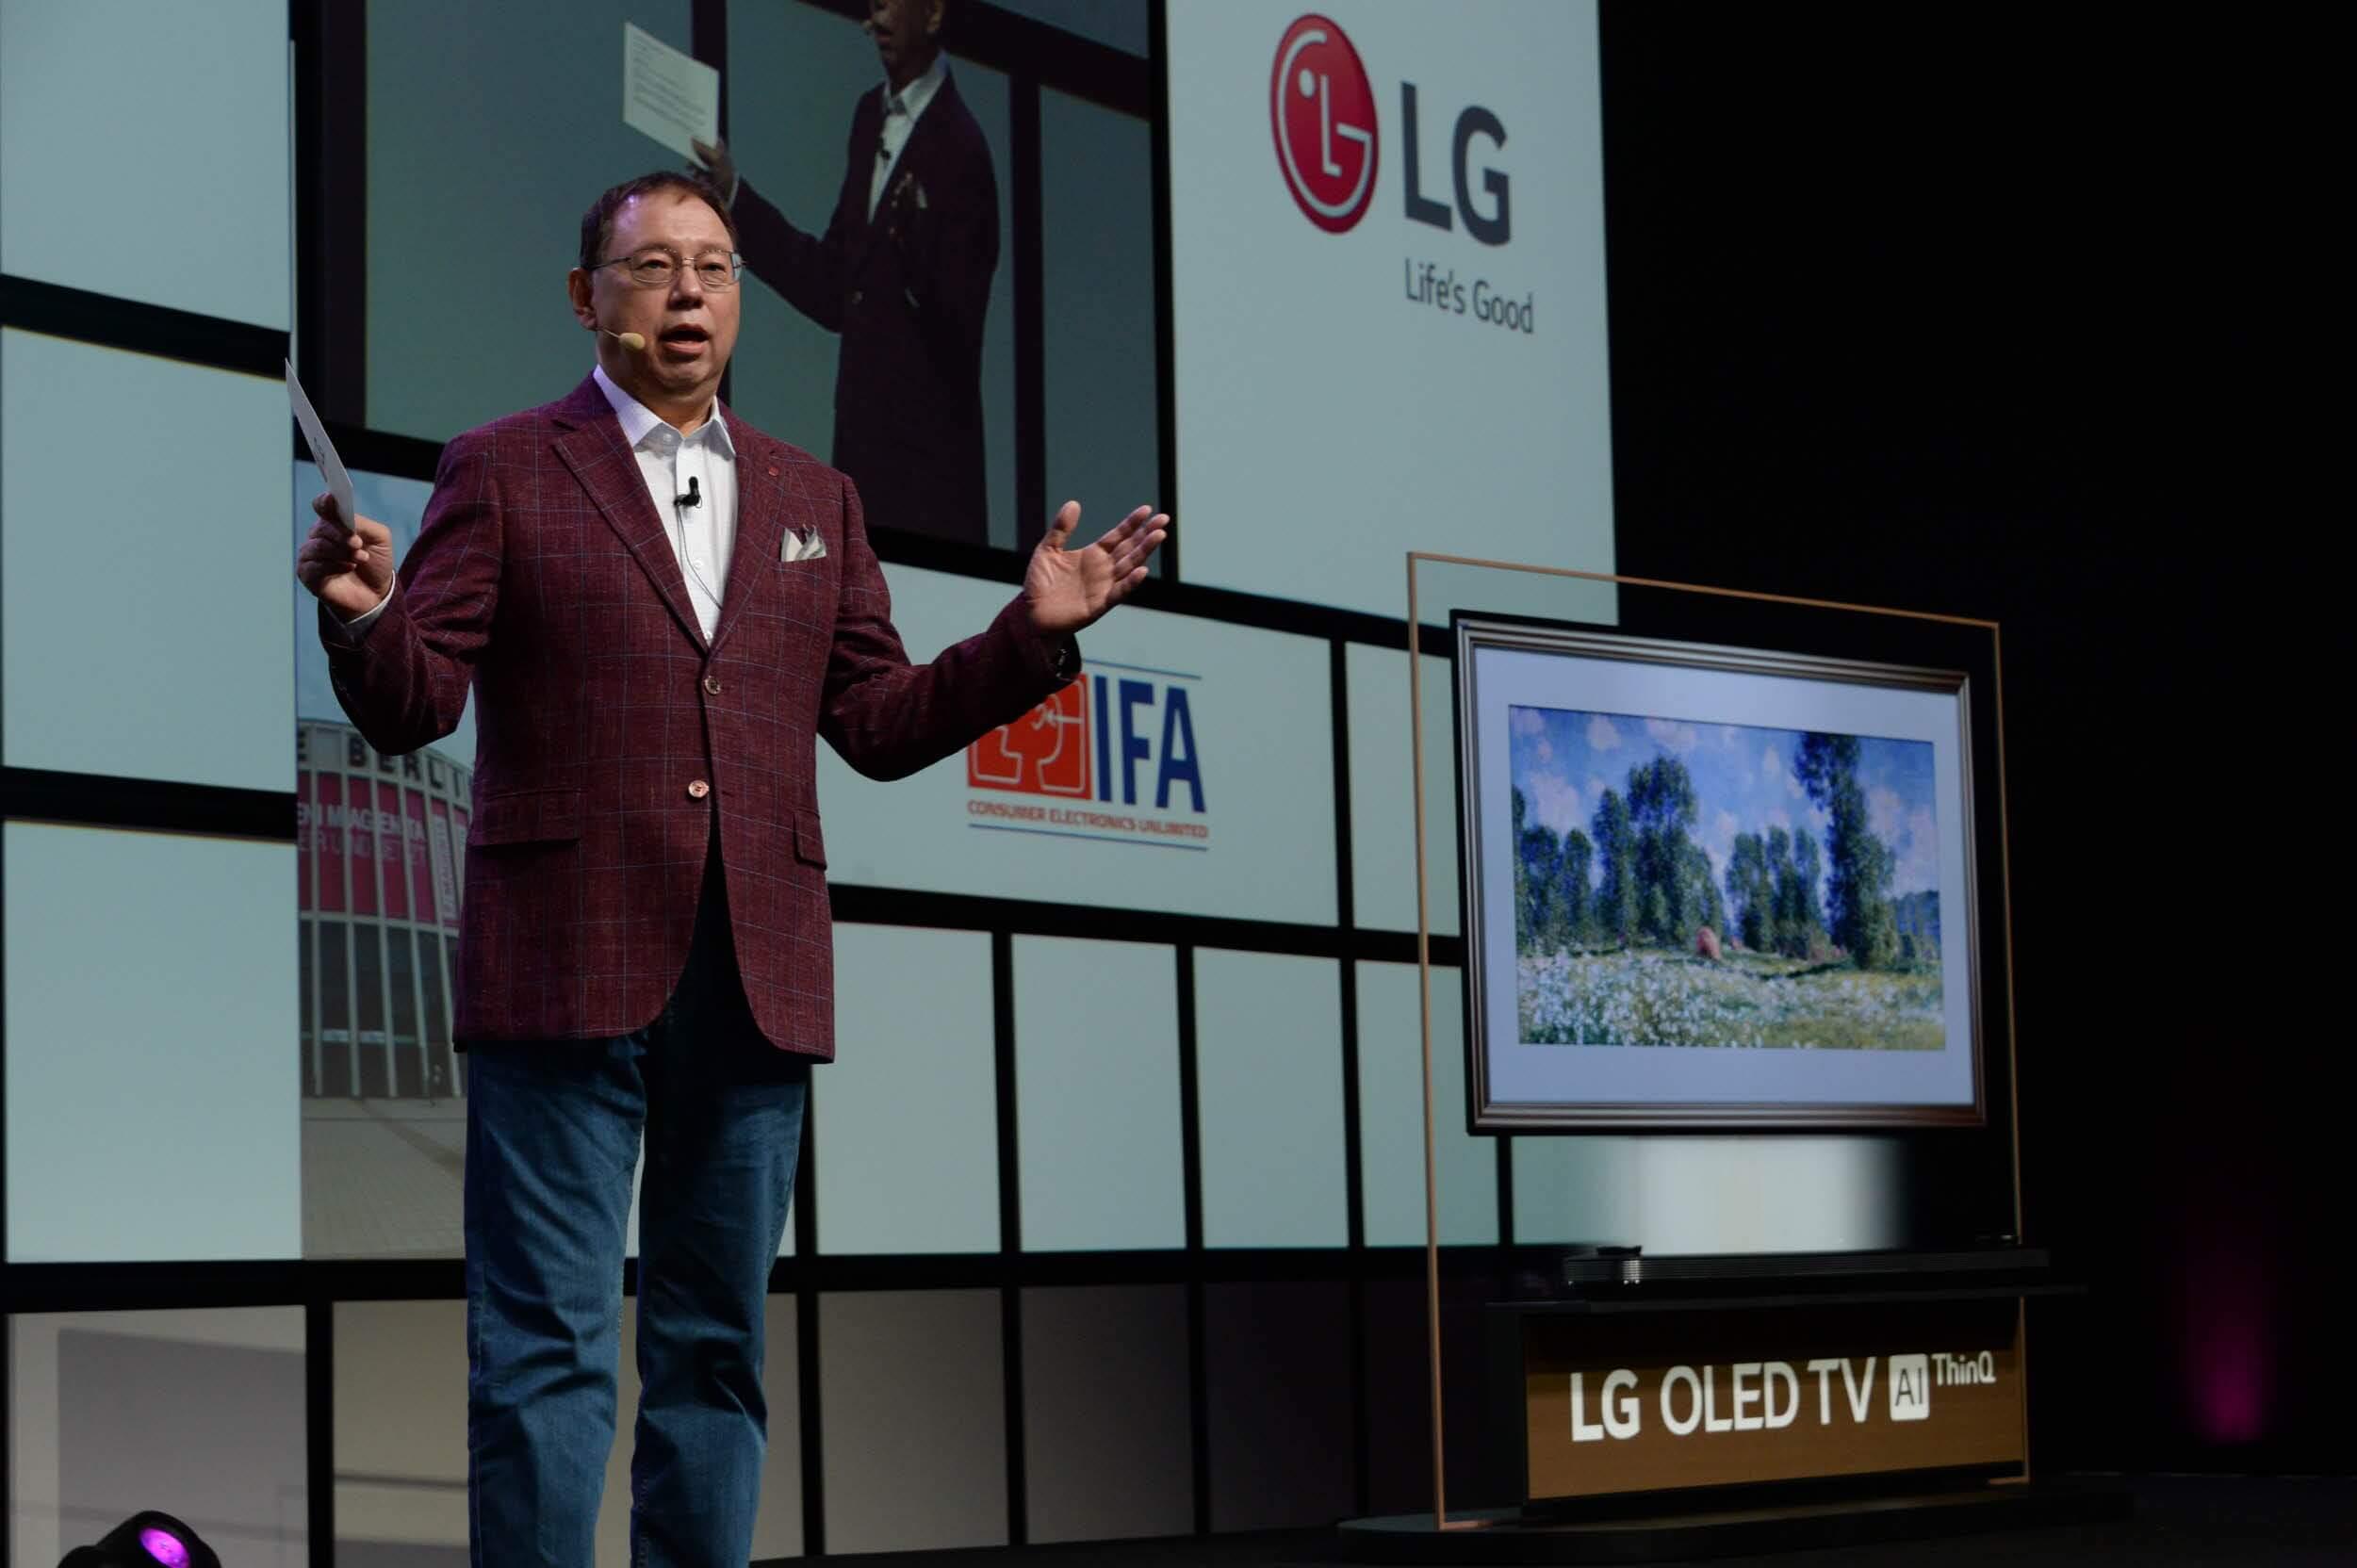 LG CEO LG OLED